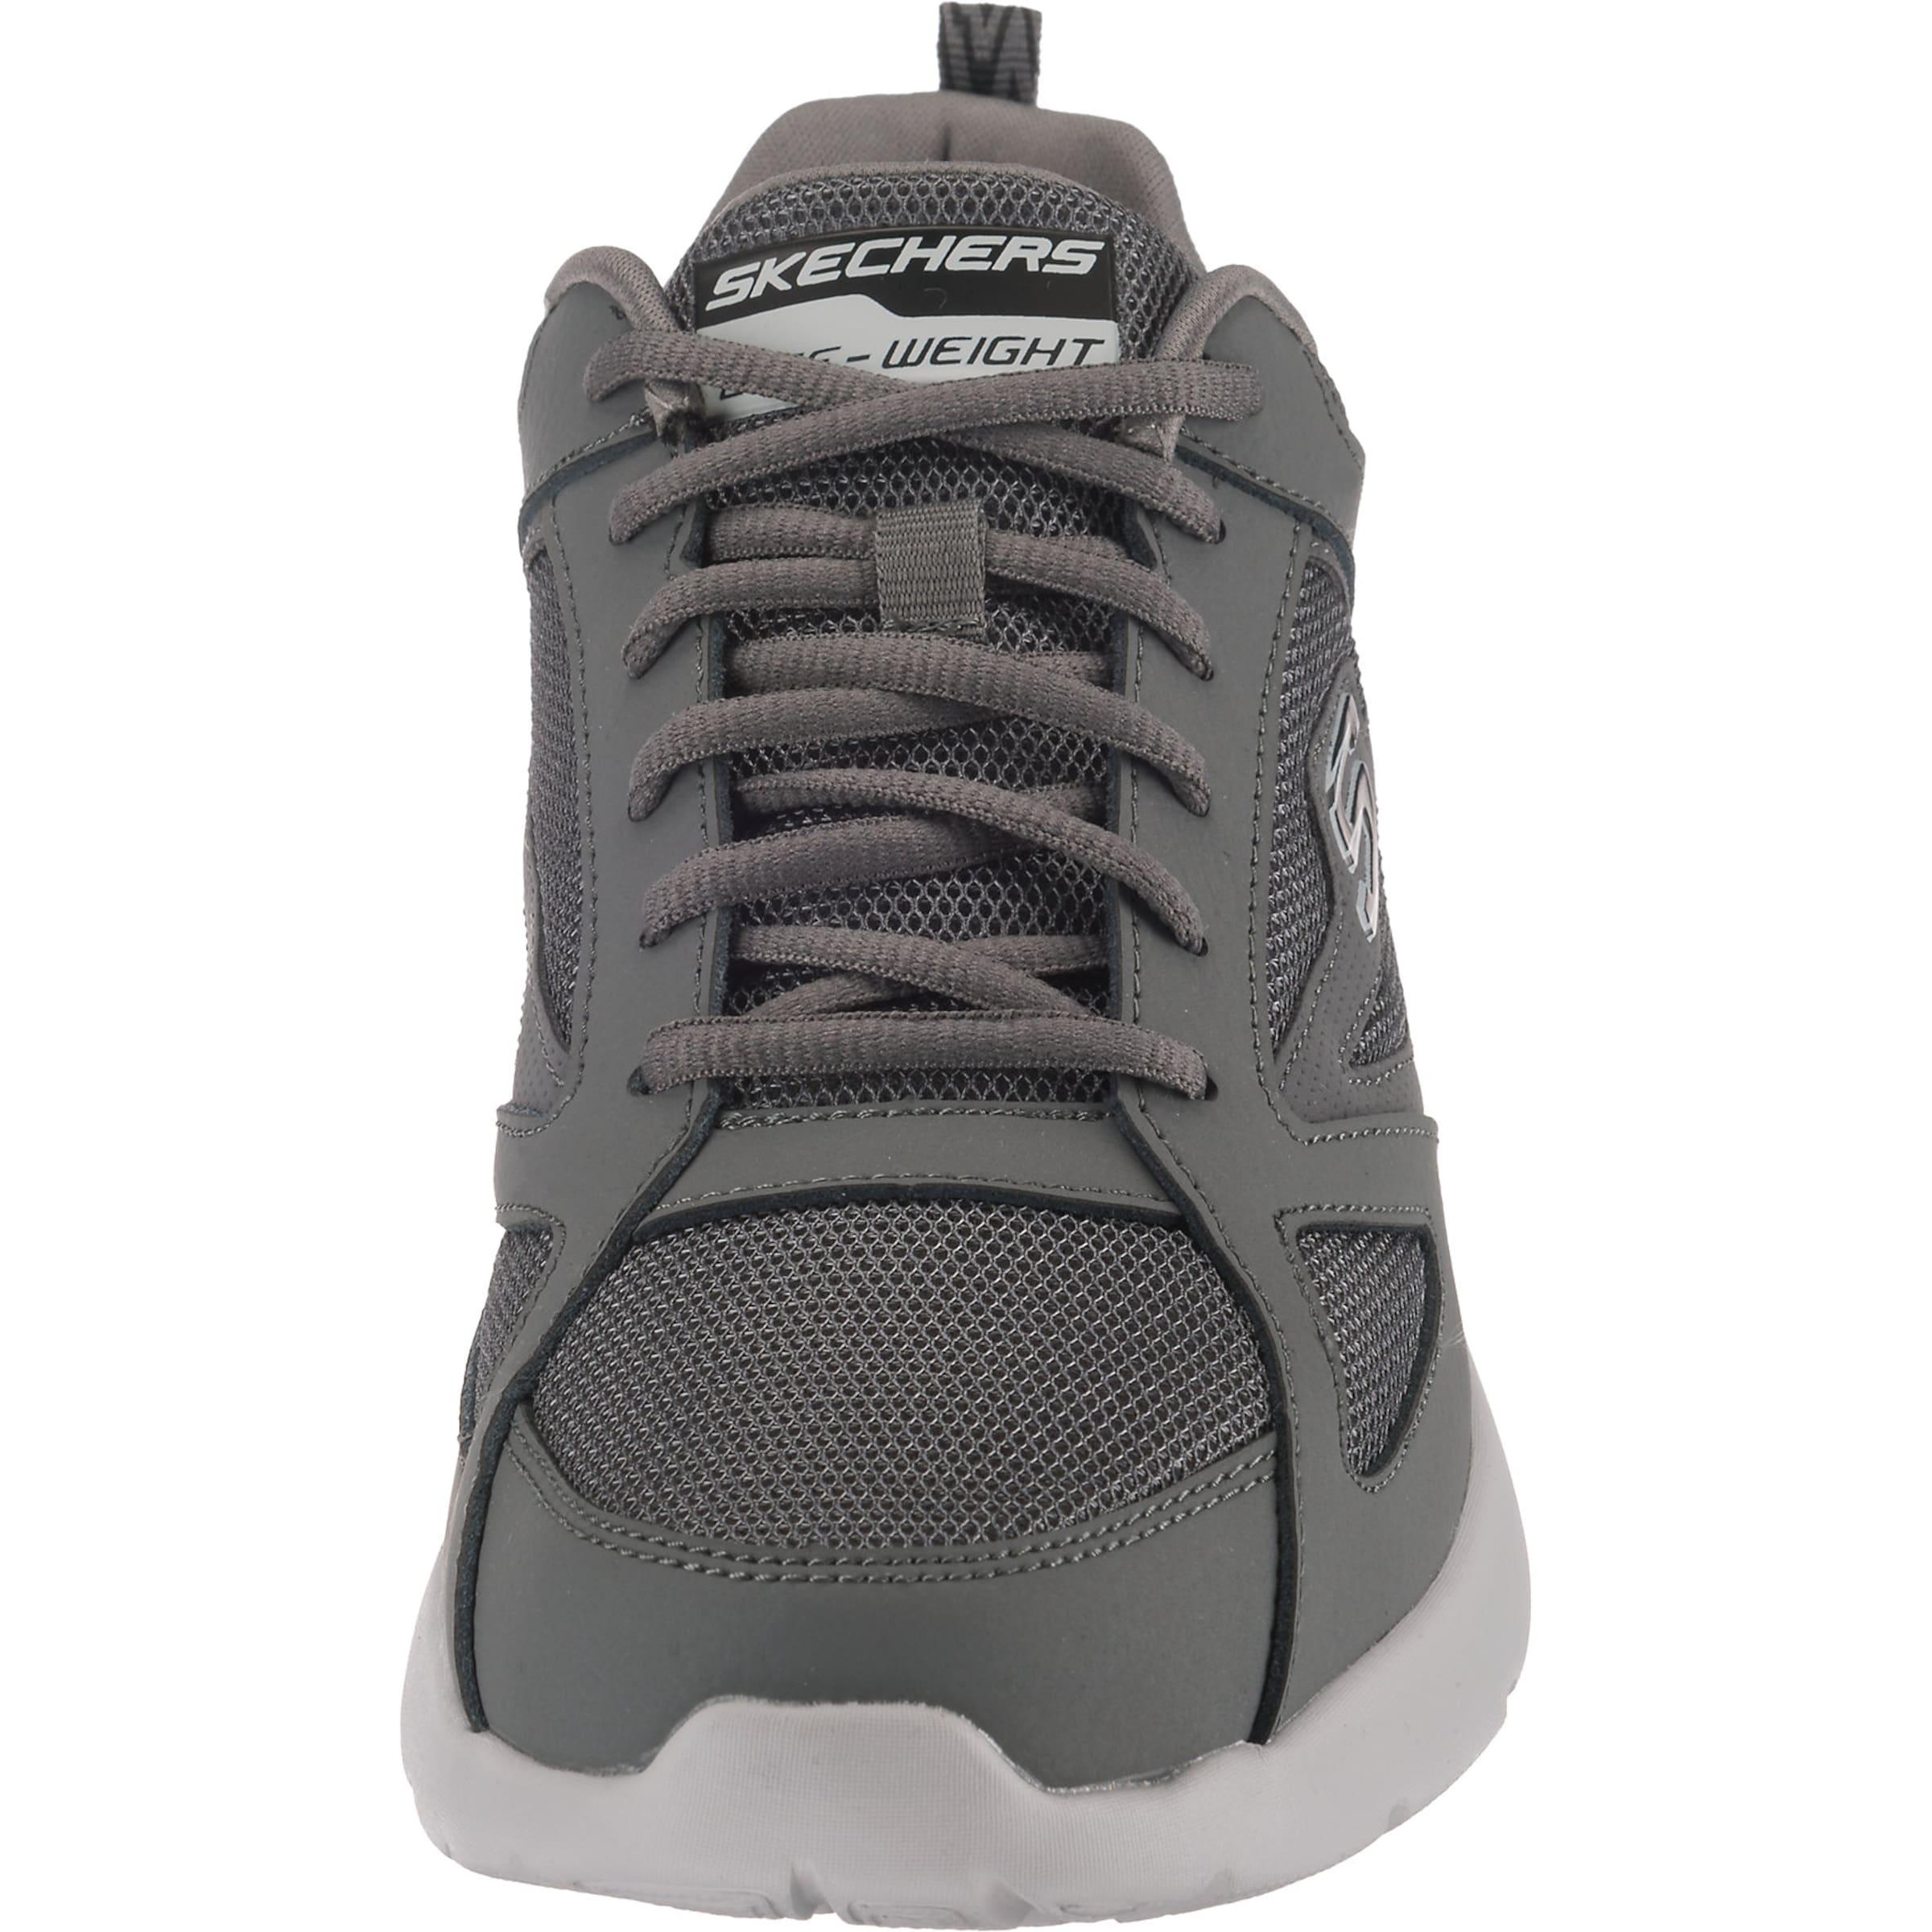 0 Grau 'dynamight Skechers Sneakers 2 Fallford' In 2WED9IYH